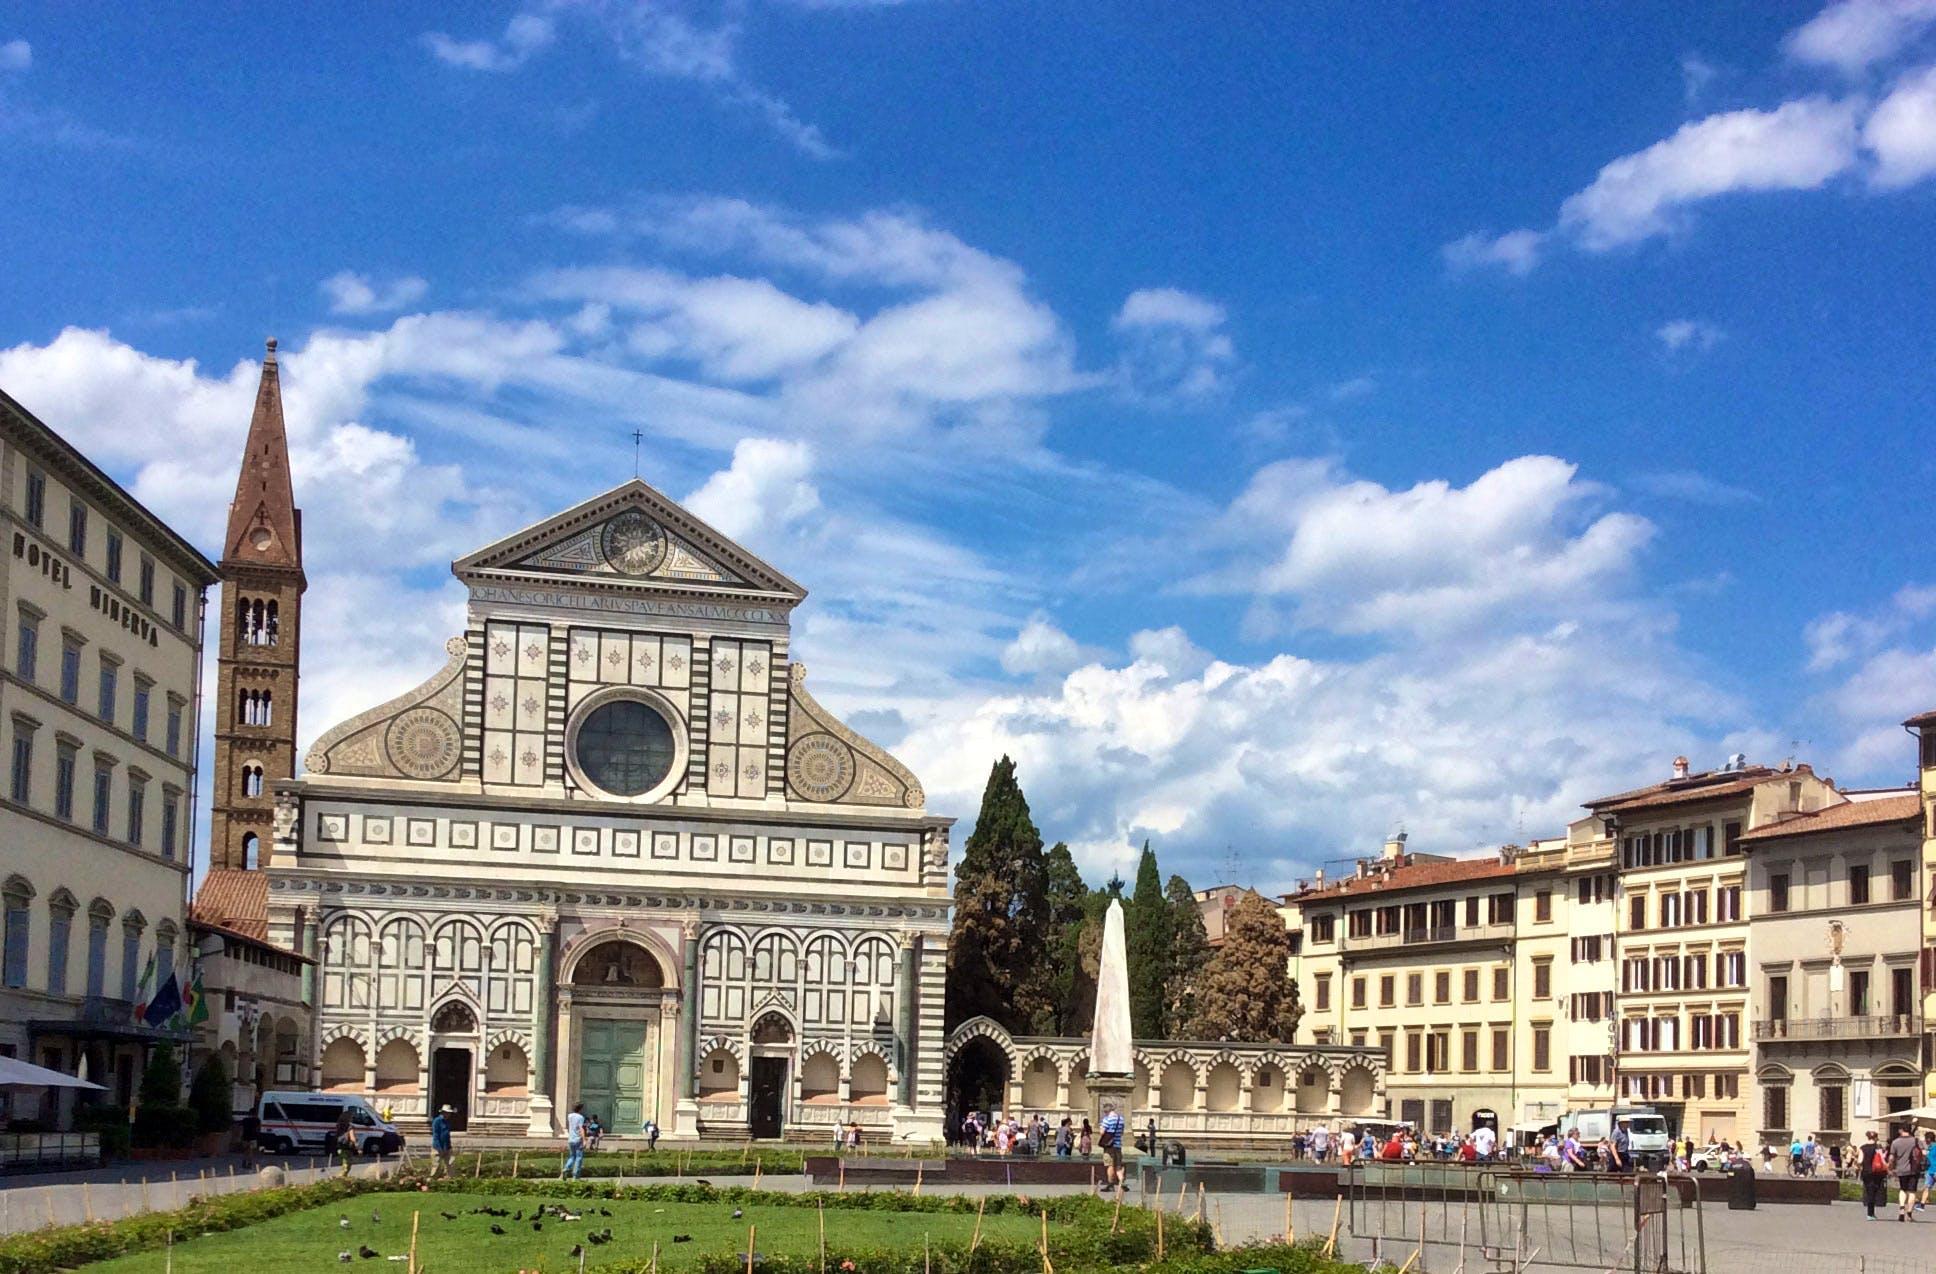 piazza santa maria novella in florence italy